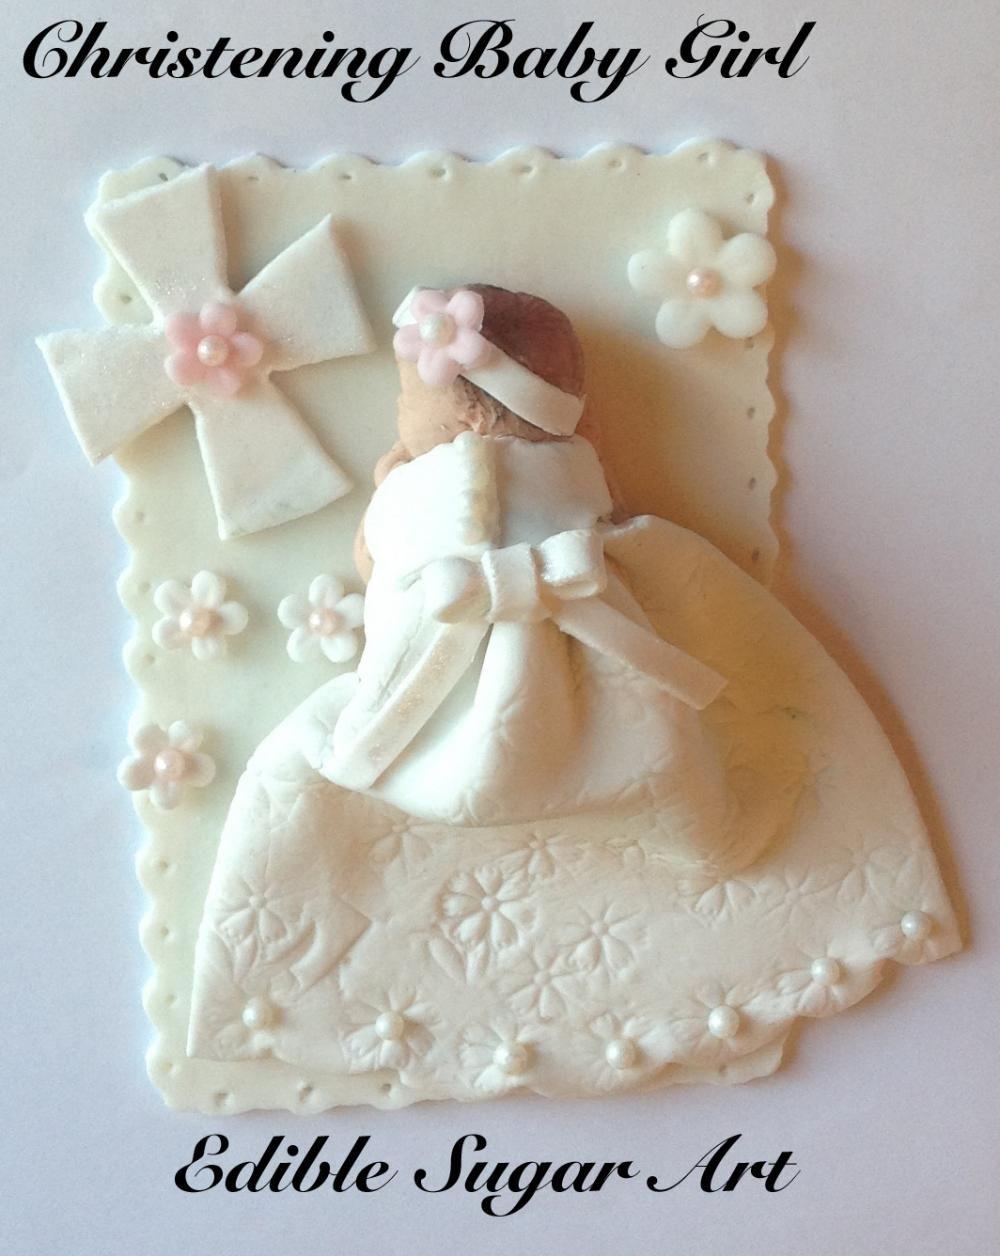 Christening Cake Topper   KAGE FIGURER - GUMPASTA/FONDANT   Kage, Fondant og Bruges